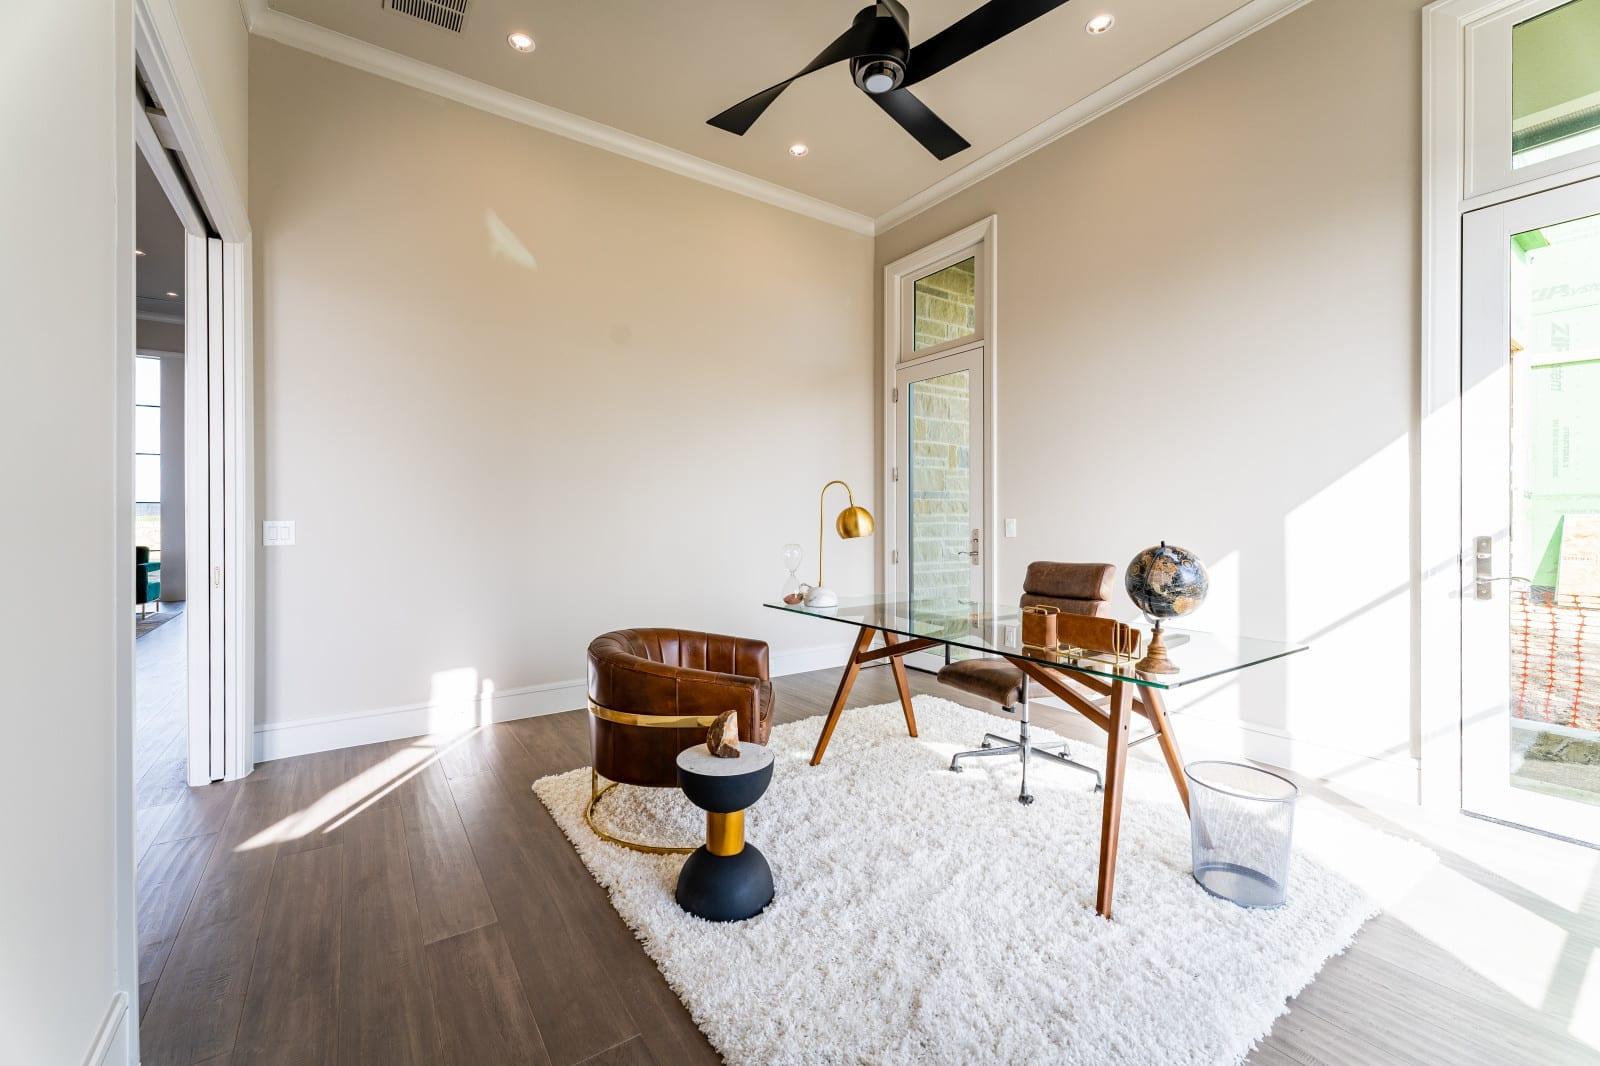 modern home design 9 - Millennial Design + Build